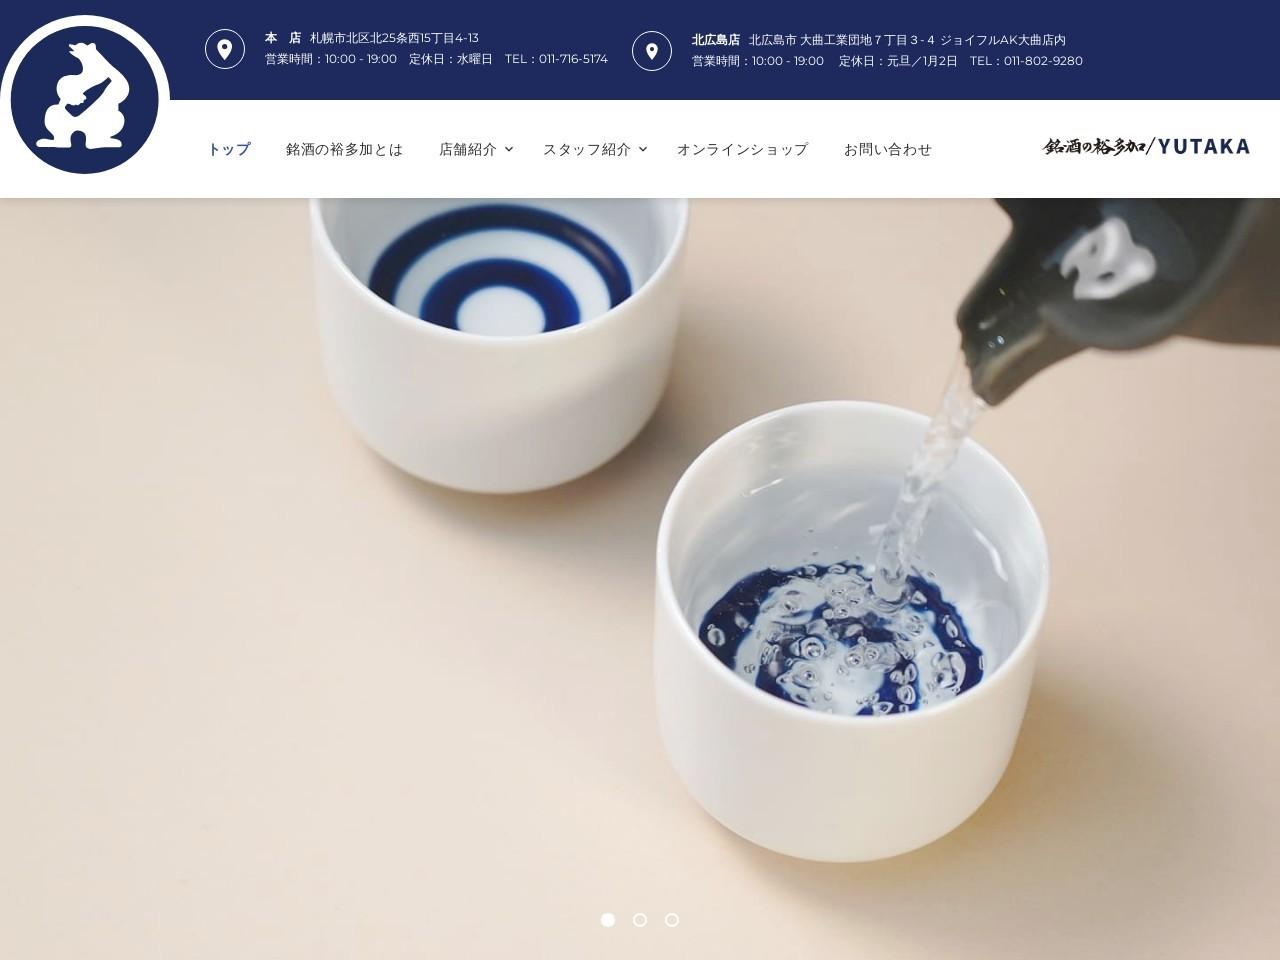 札幌市 銘酒の裕多加(ゆたか) 日本酒 本格焼酎 泡盛 ワイン 酒器